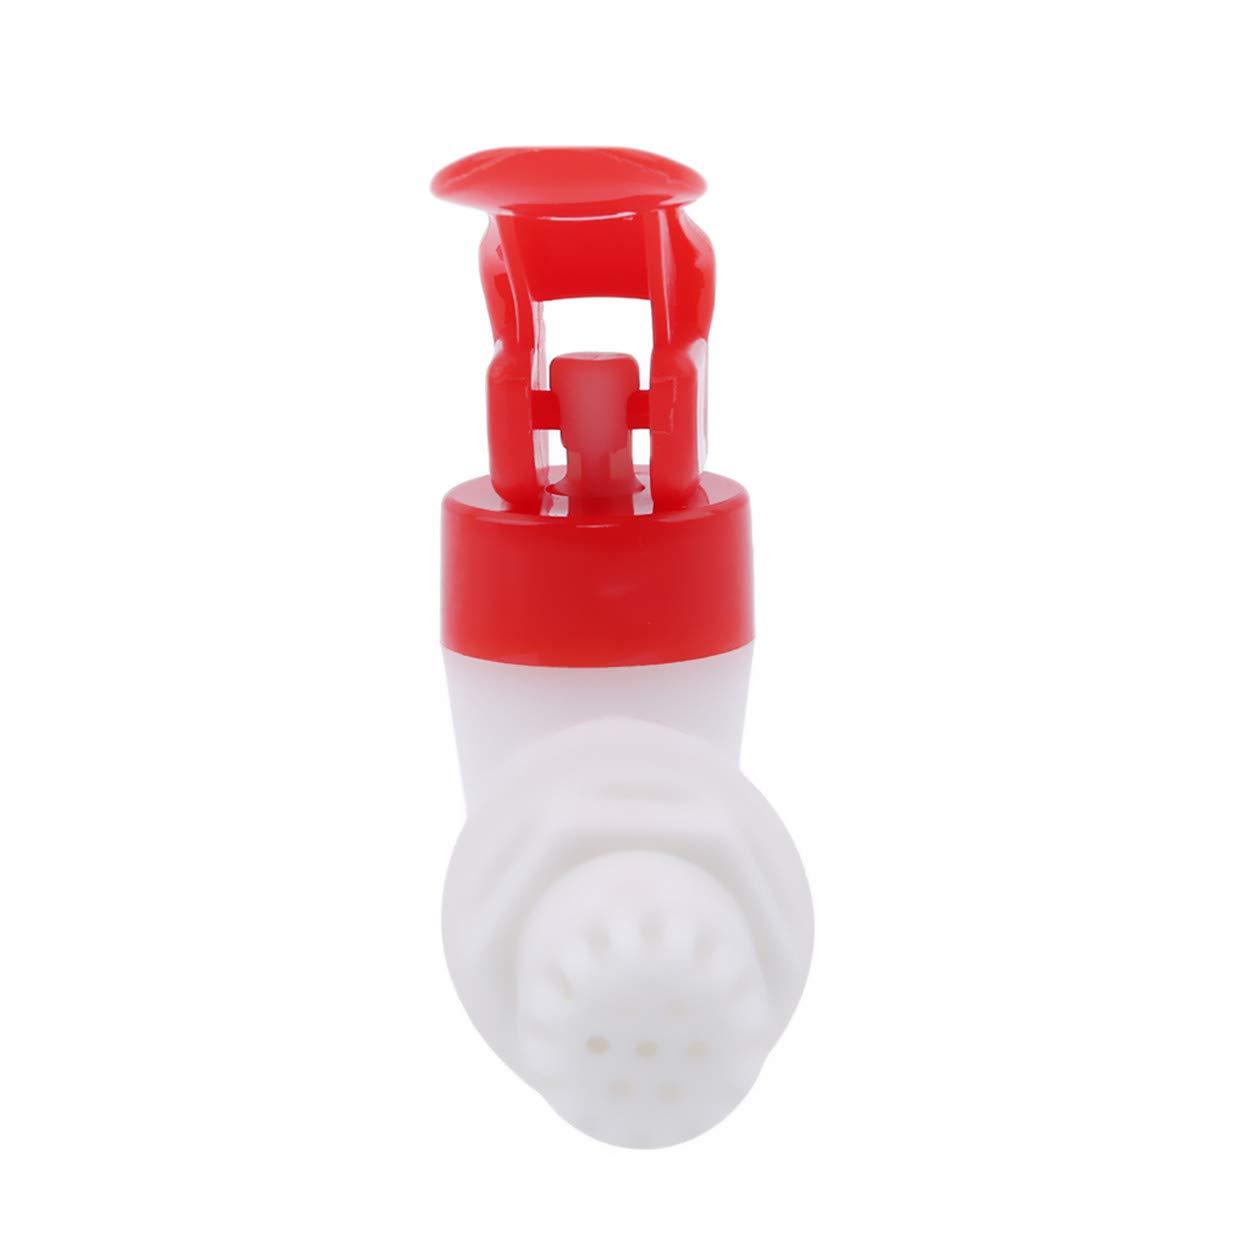 EJY Bricolage Vin La Bi/ère Bouteille En Verre Rouge Plastique Remplacement Robinet Bec De Commutateur DEau Avec Filtre Pour Baril De Vin R/éservoir DEau